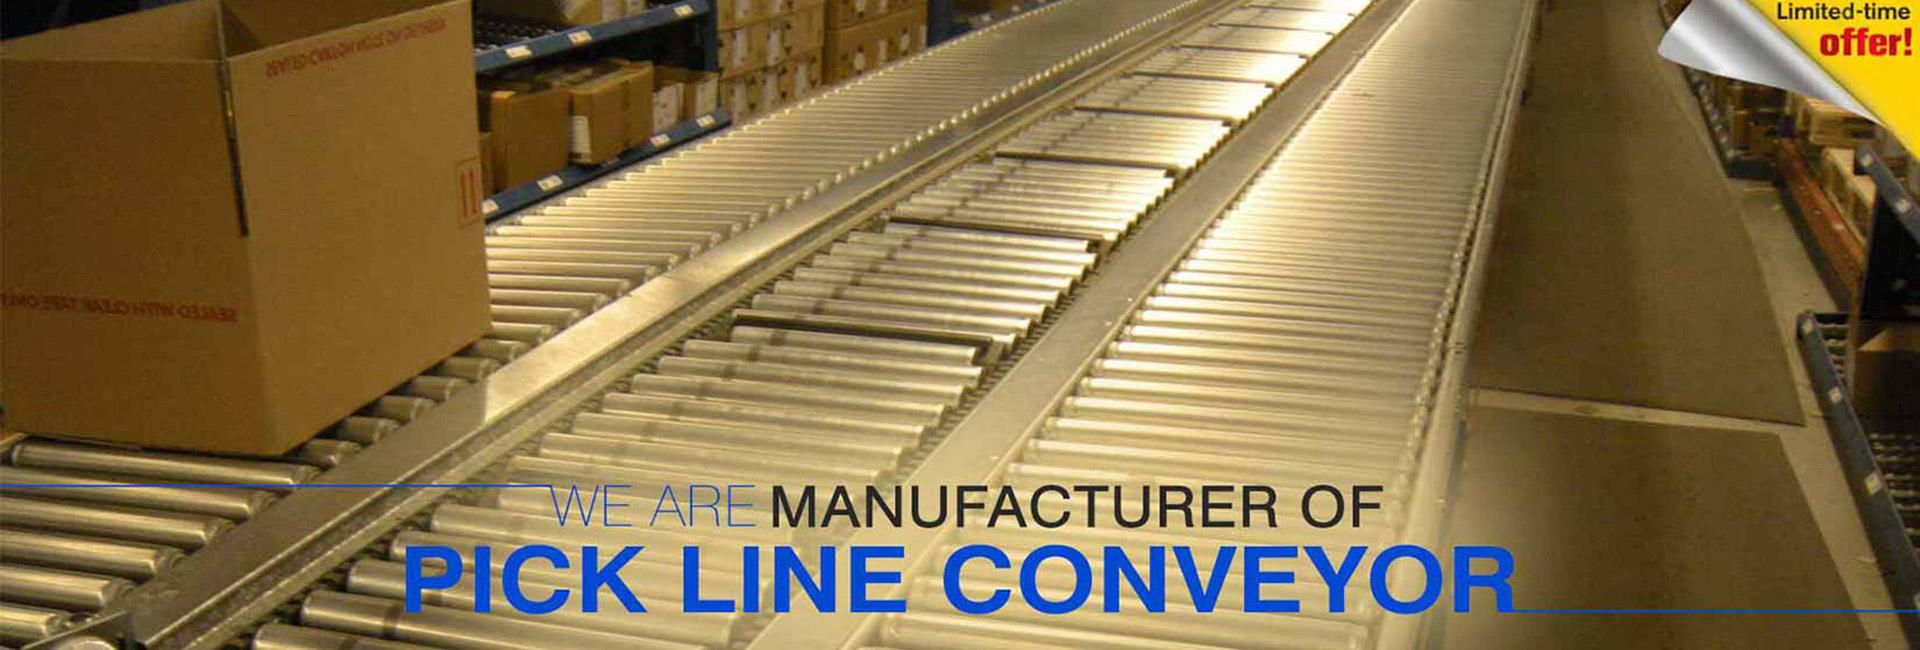 manufacturer of pick line conveyor